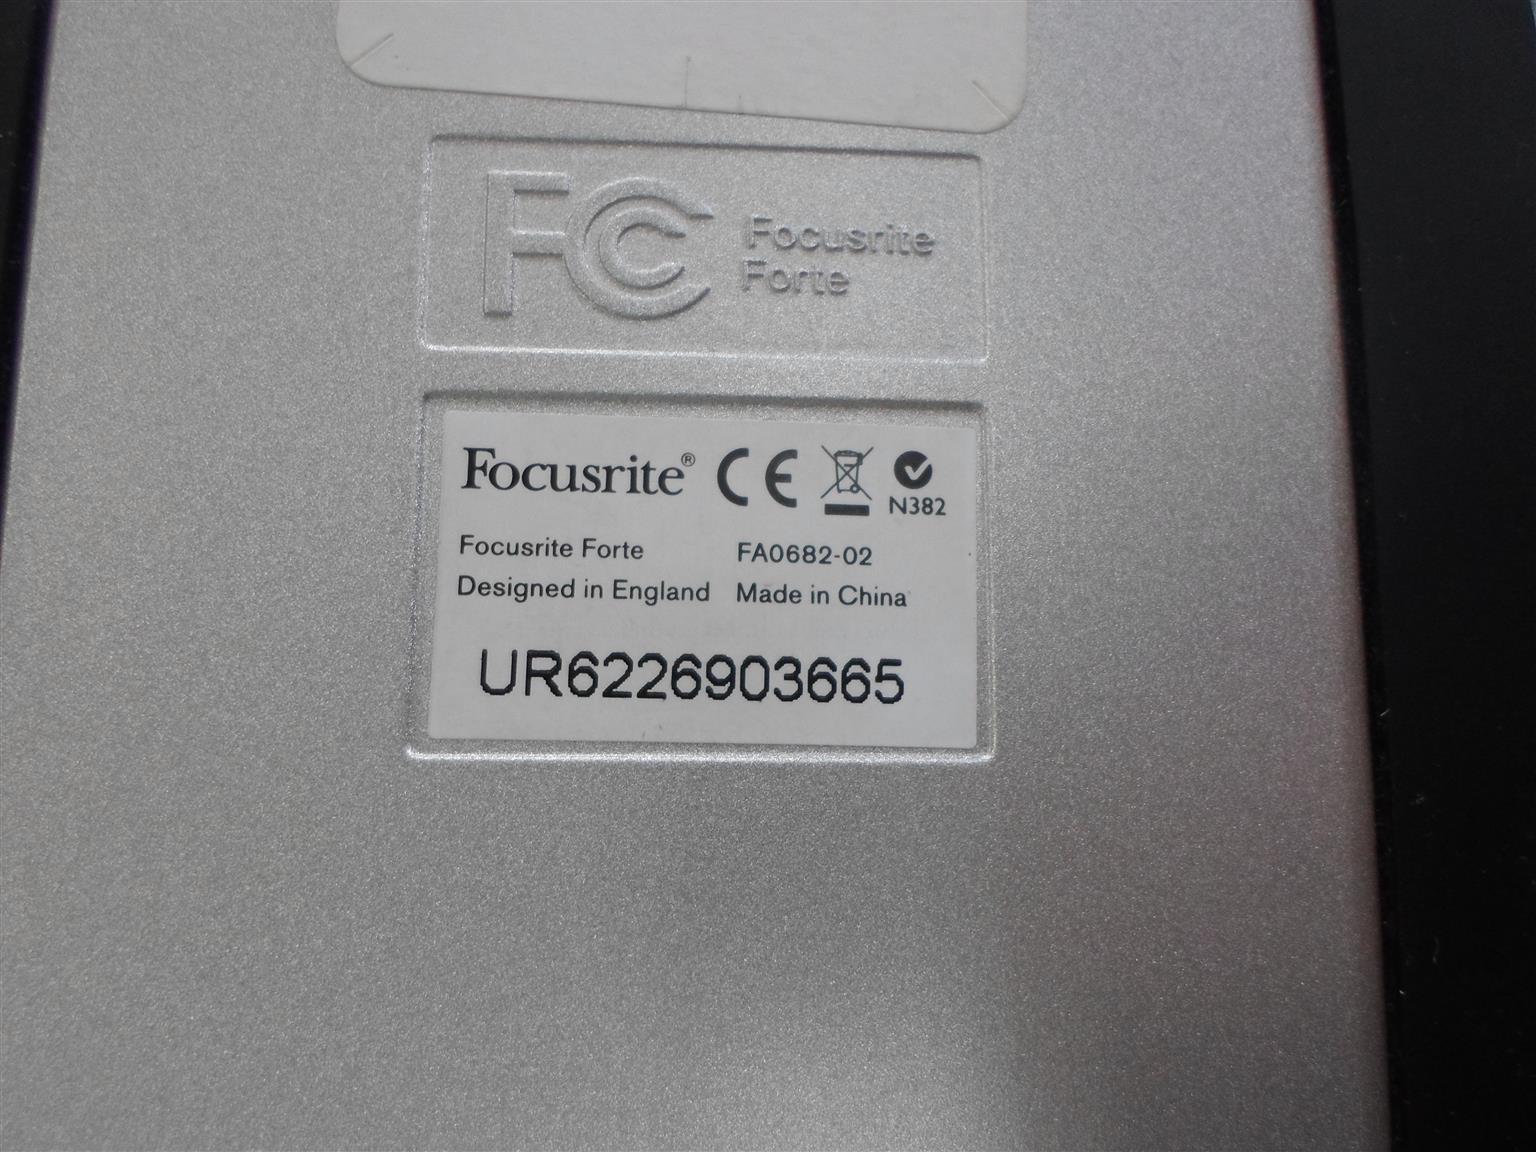 Focusrite Forte USB Audio Recording Interface - C033045429-1